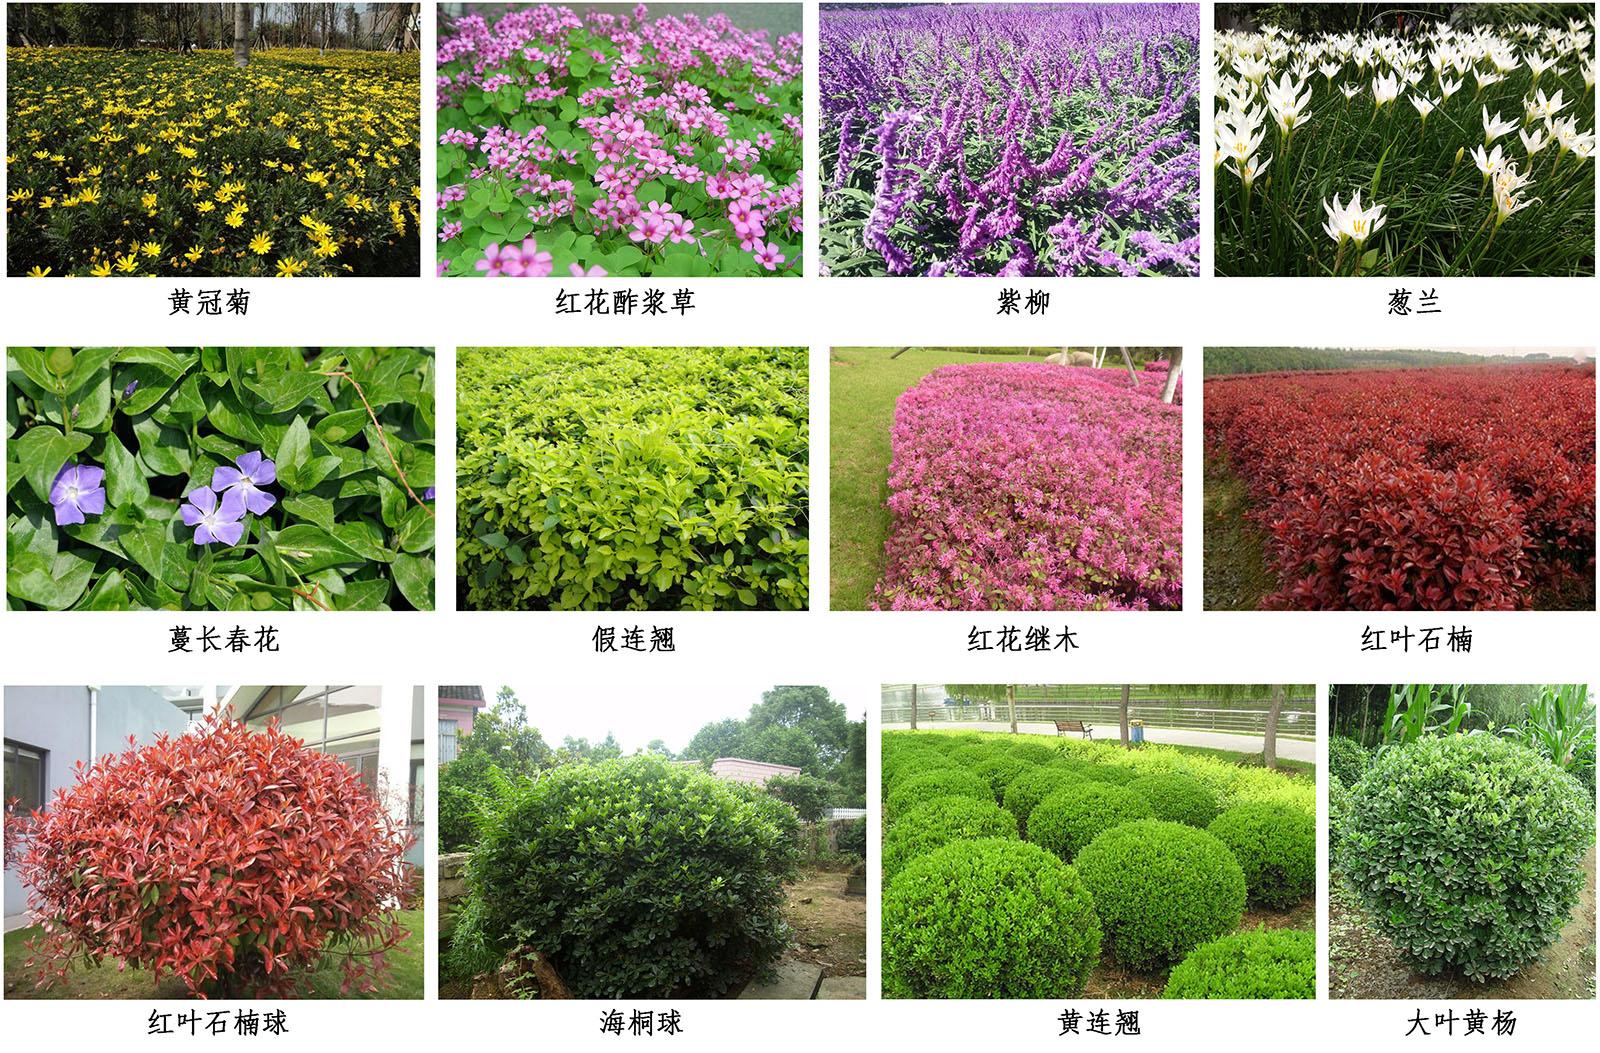 因地制宜,利用丰富的乡土植物,打造富有变化的植物群落变化景观